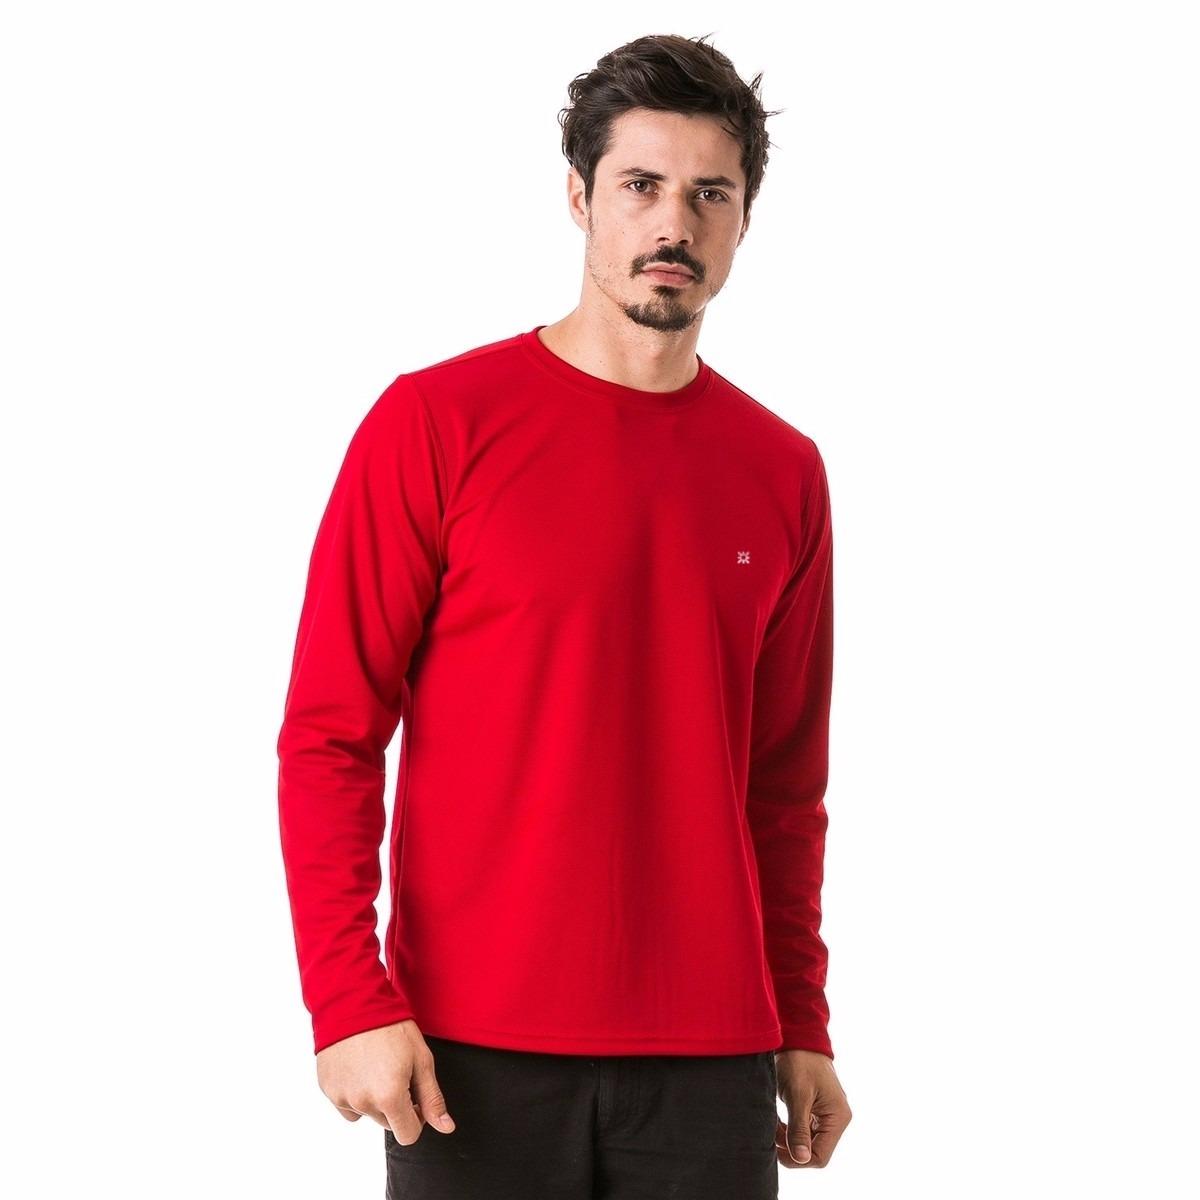 44abe21e78 camisa de proteção solar masculina uv line original - uv pro. Carregando  zoom.